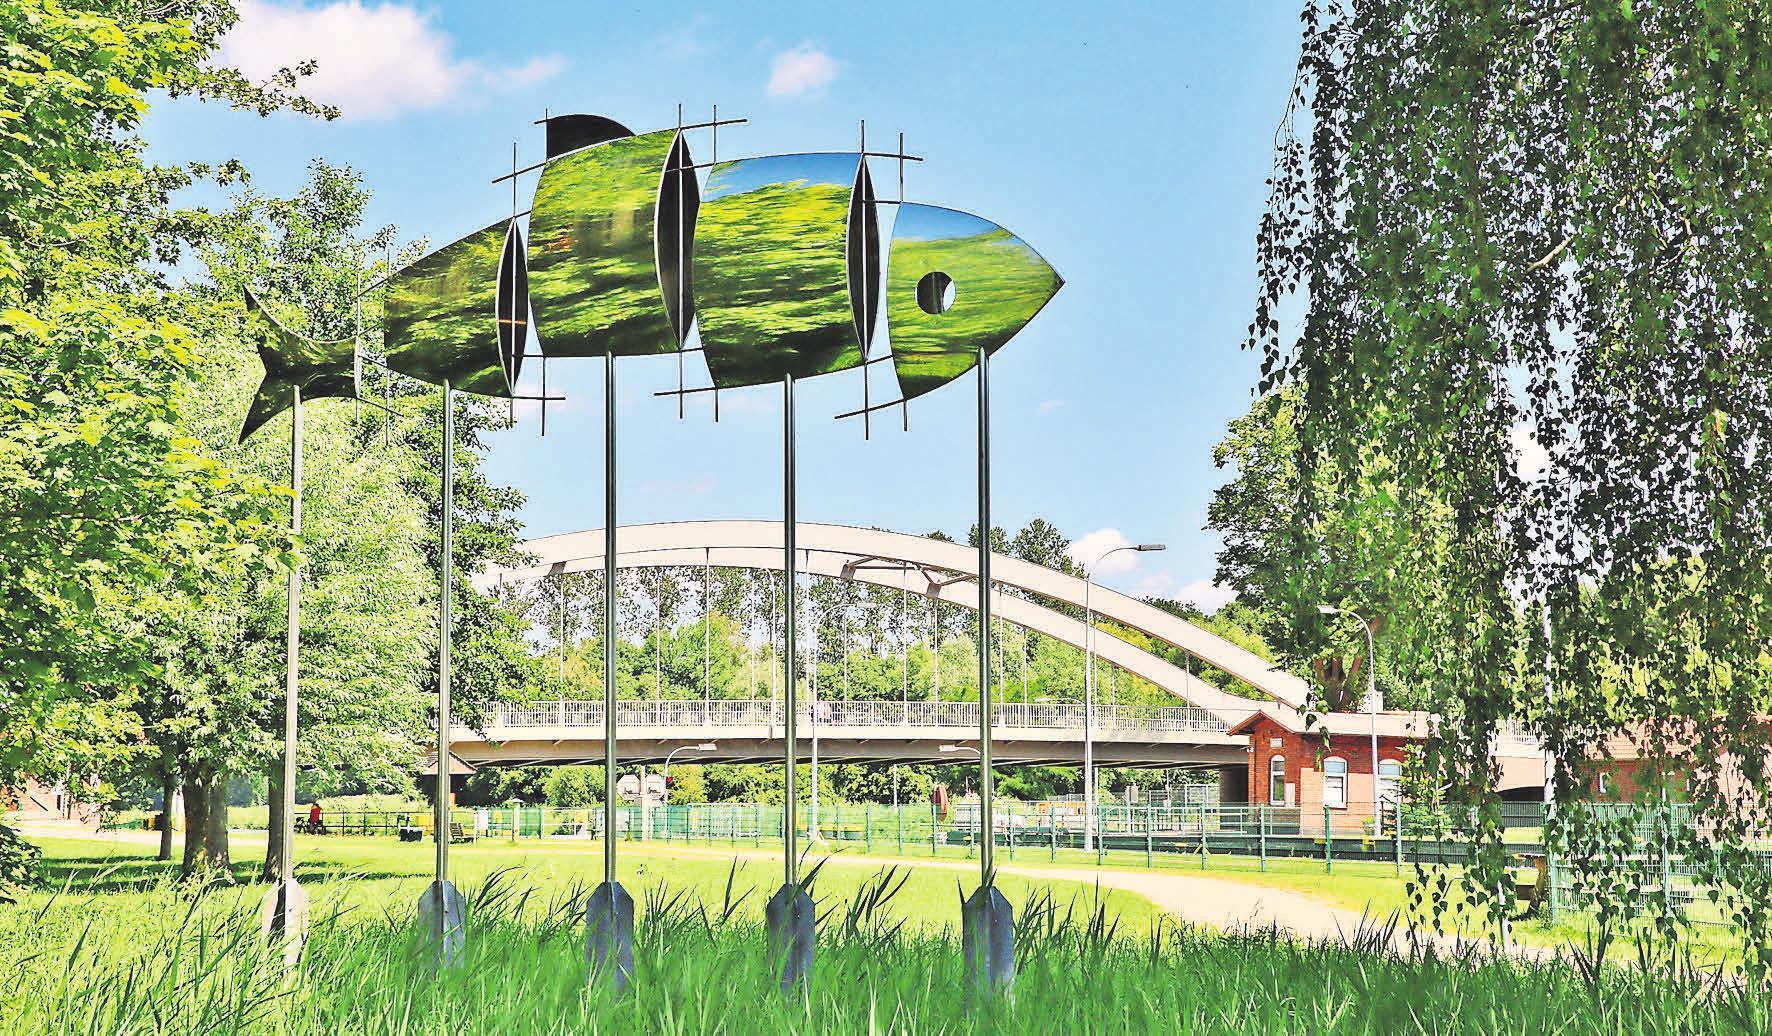 Der Kanalhering (geschaffen im jahr 2003) von Künstler Tim Adam.